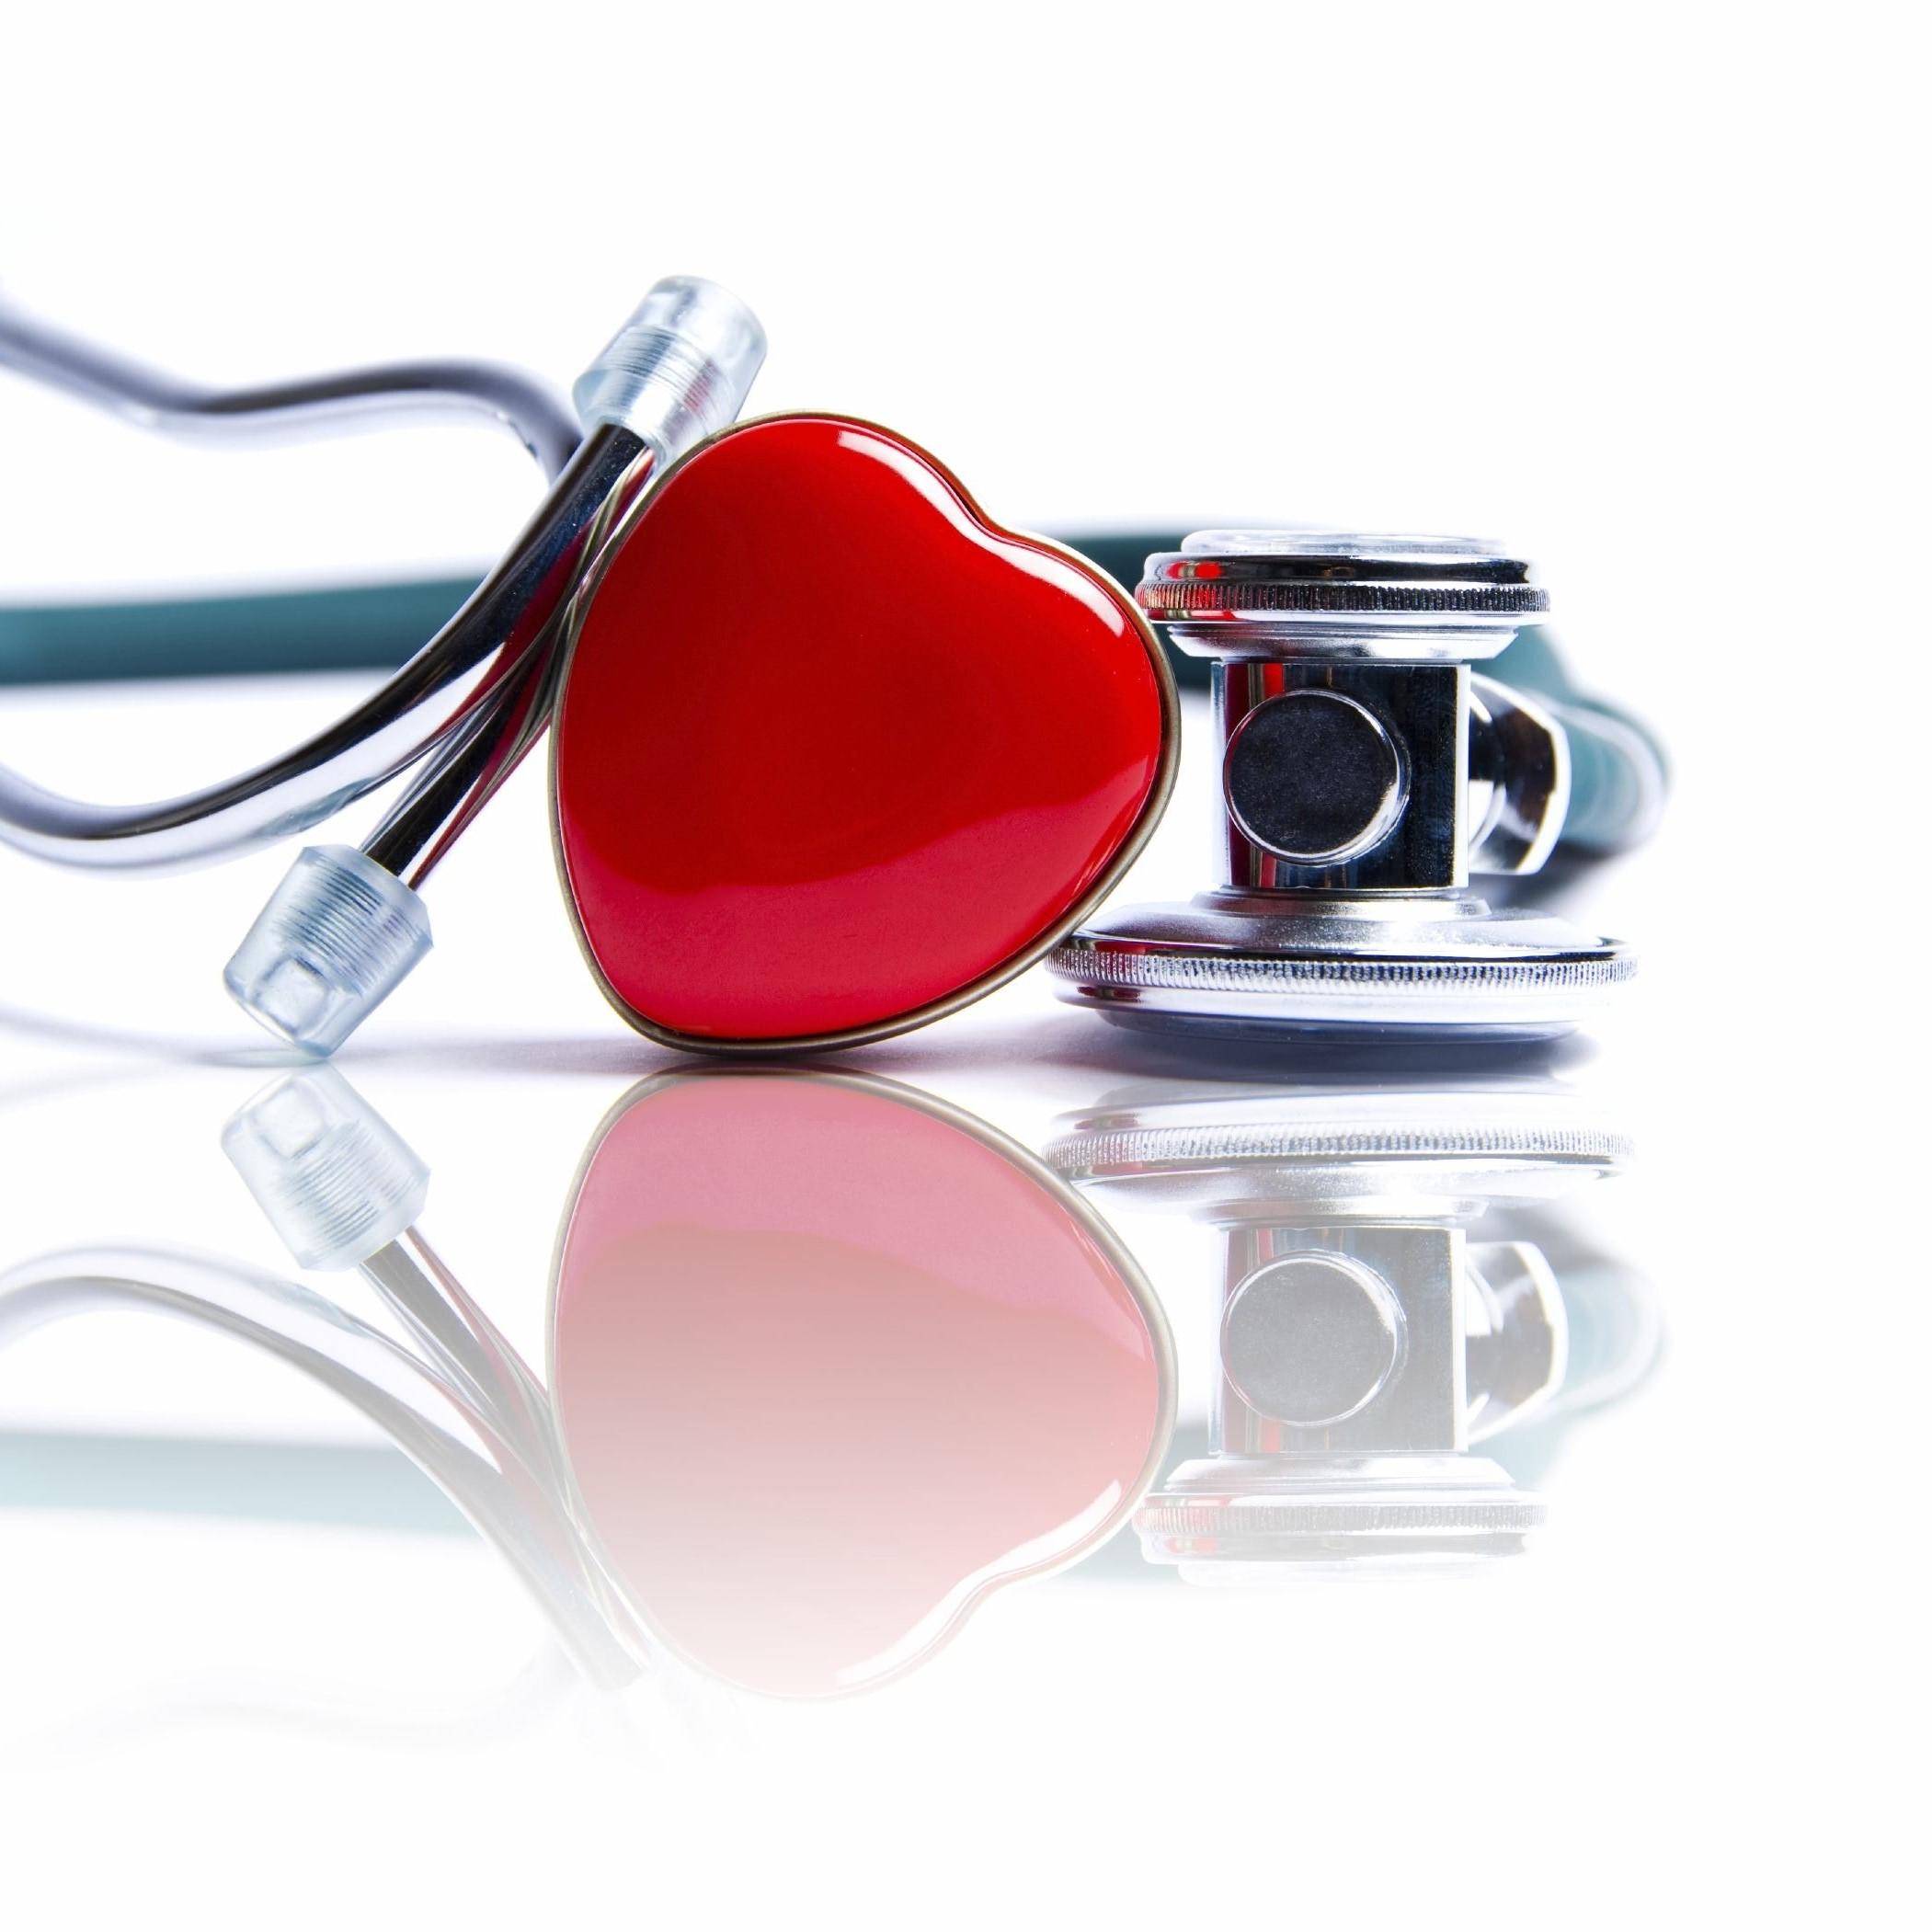 Deadliest Diseases: Stop Wondering How to Get a Healthier Heart